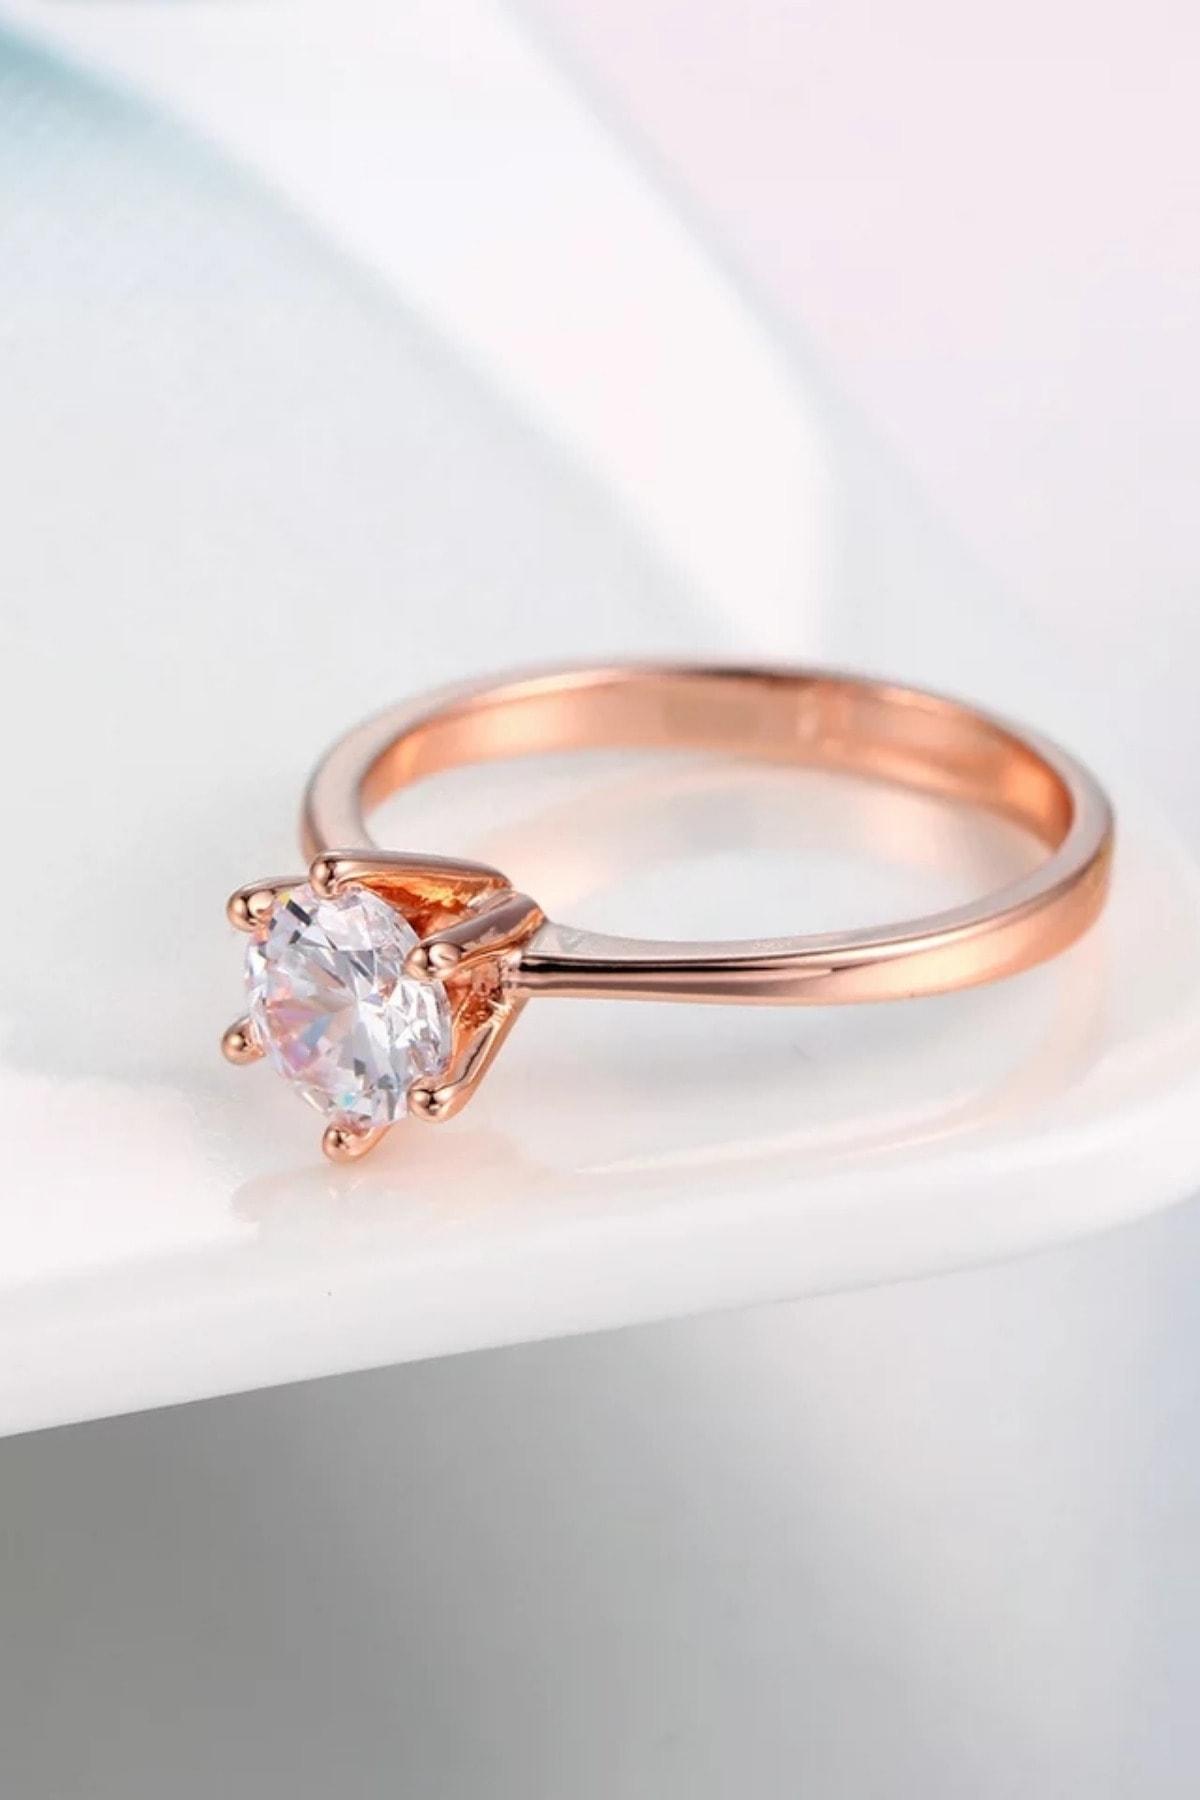 Crystal Diamond Zirconia Işıklı Kutuda Labaratuvar Pırlantası 0.50 Carat Rose Tektaş Yüzük 1